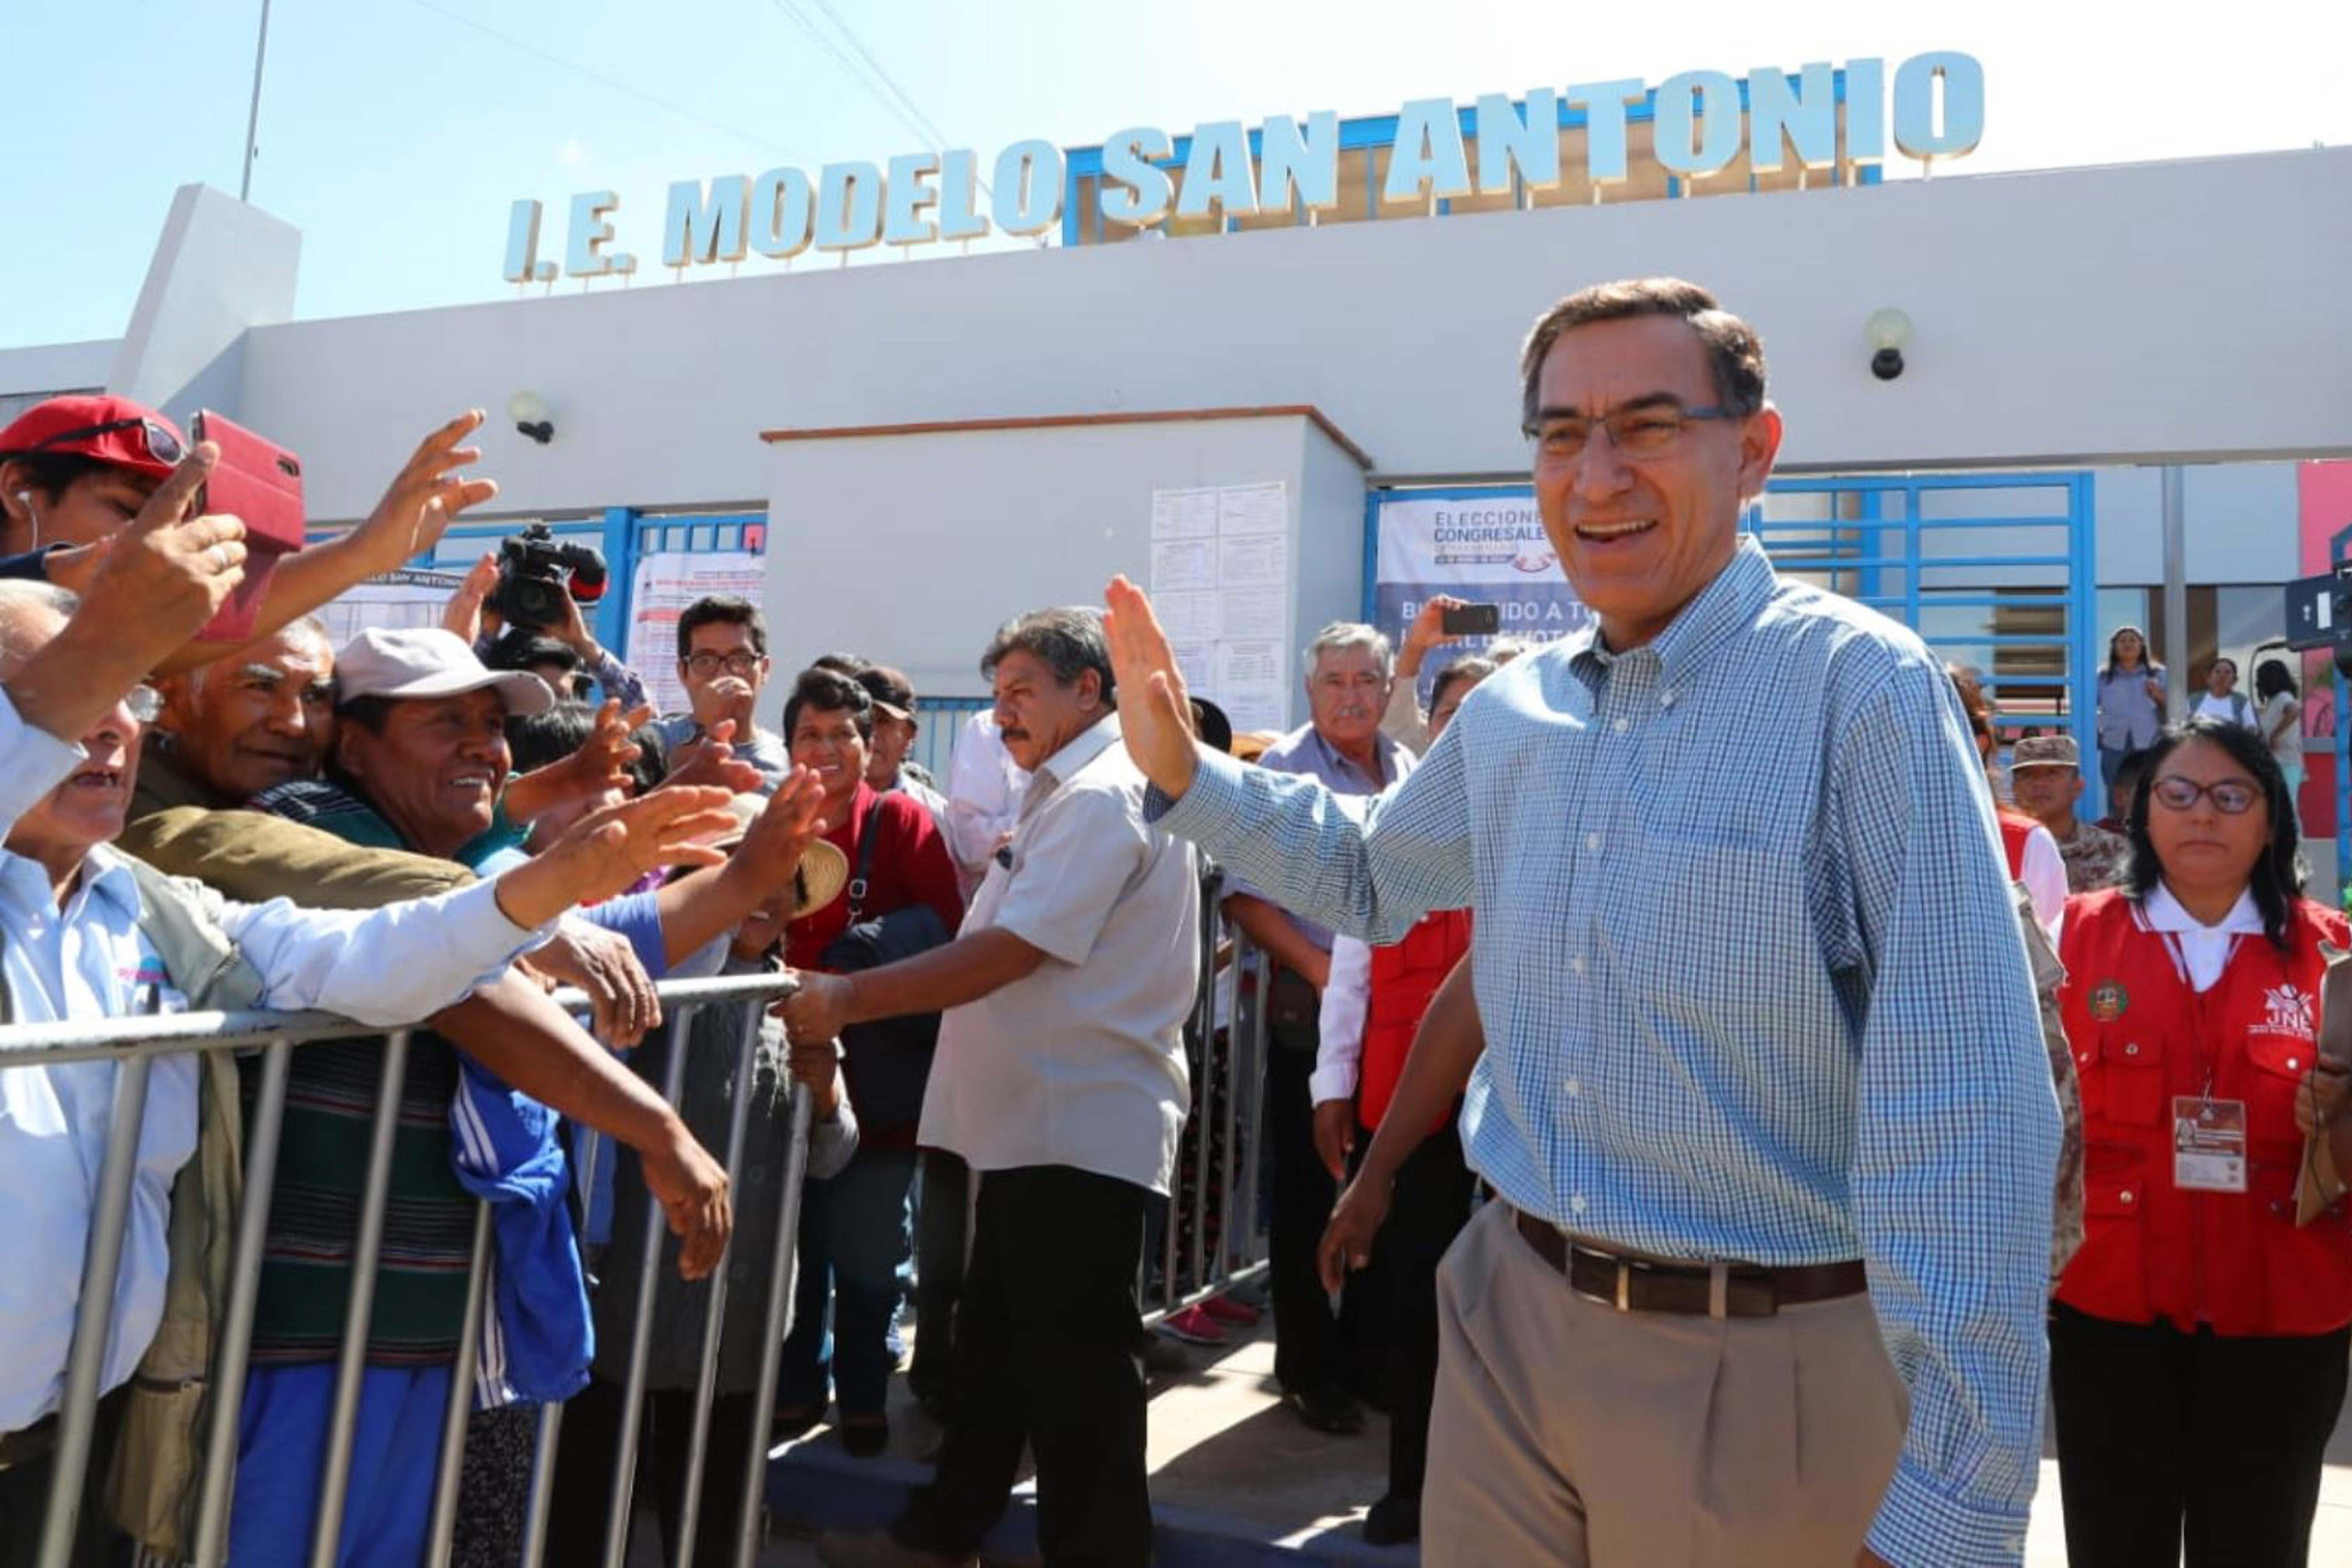 El presidente Martín Vizcarra saluda tras emitir su voto en el Colegio Modelo de San Antonio en Moquegua, Perú, el 26 de enero de 2020.